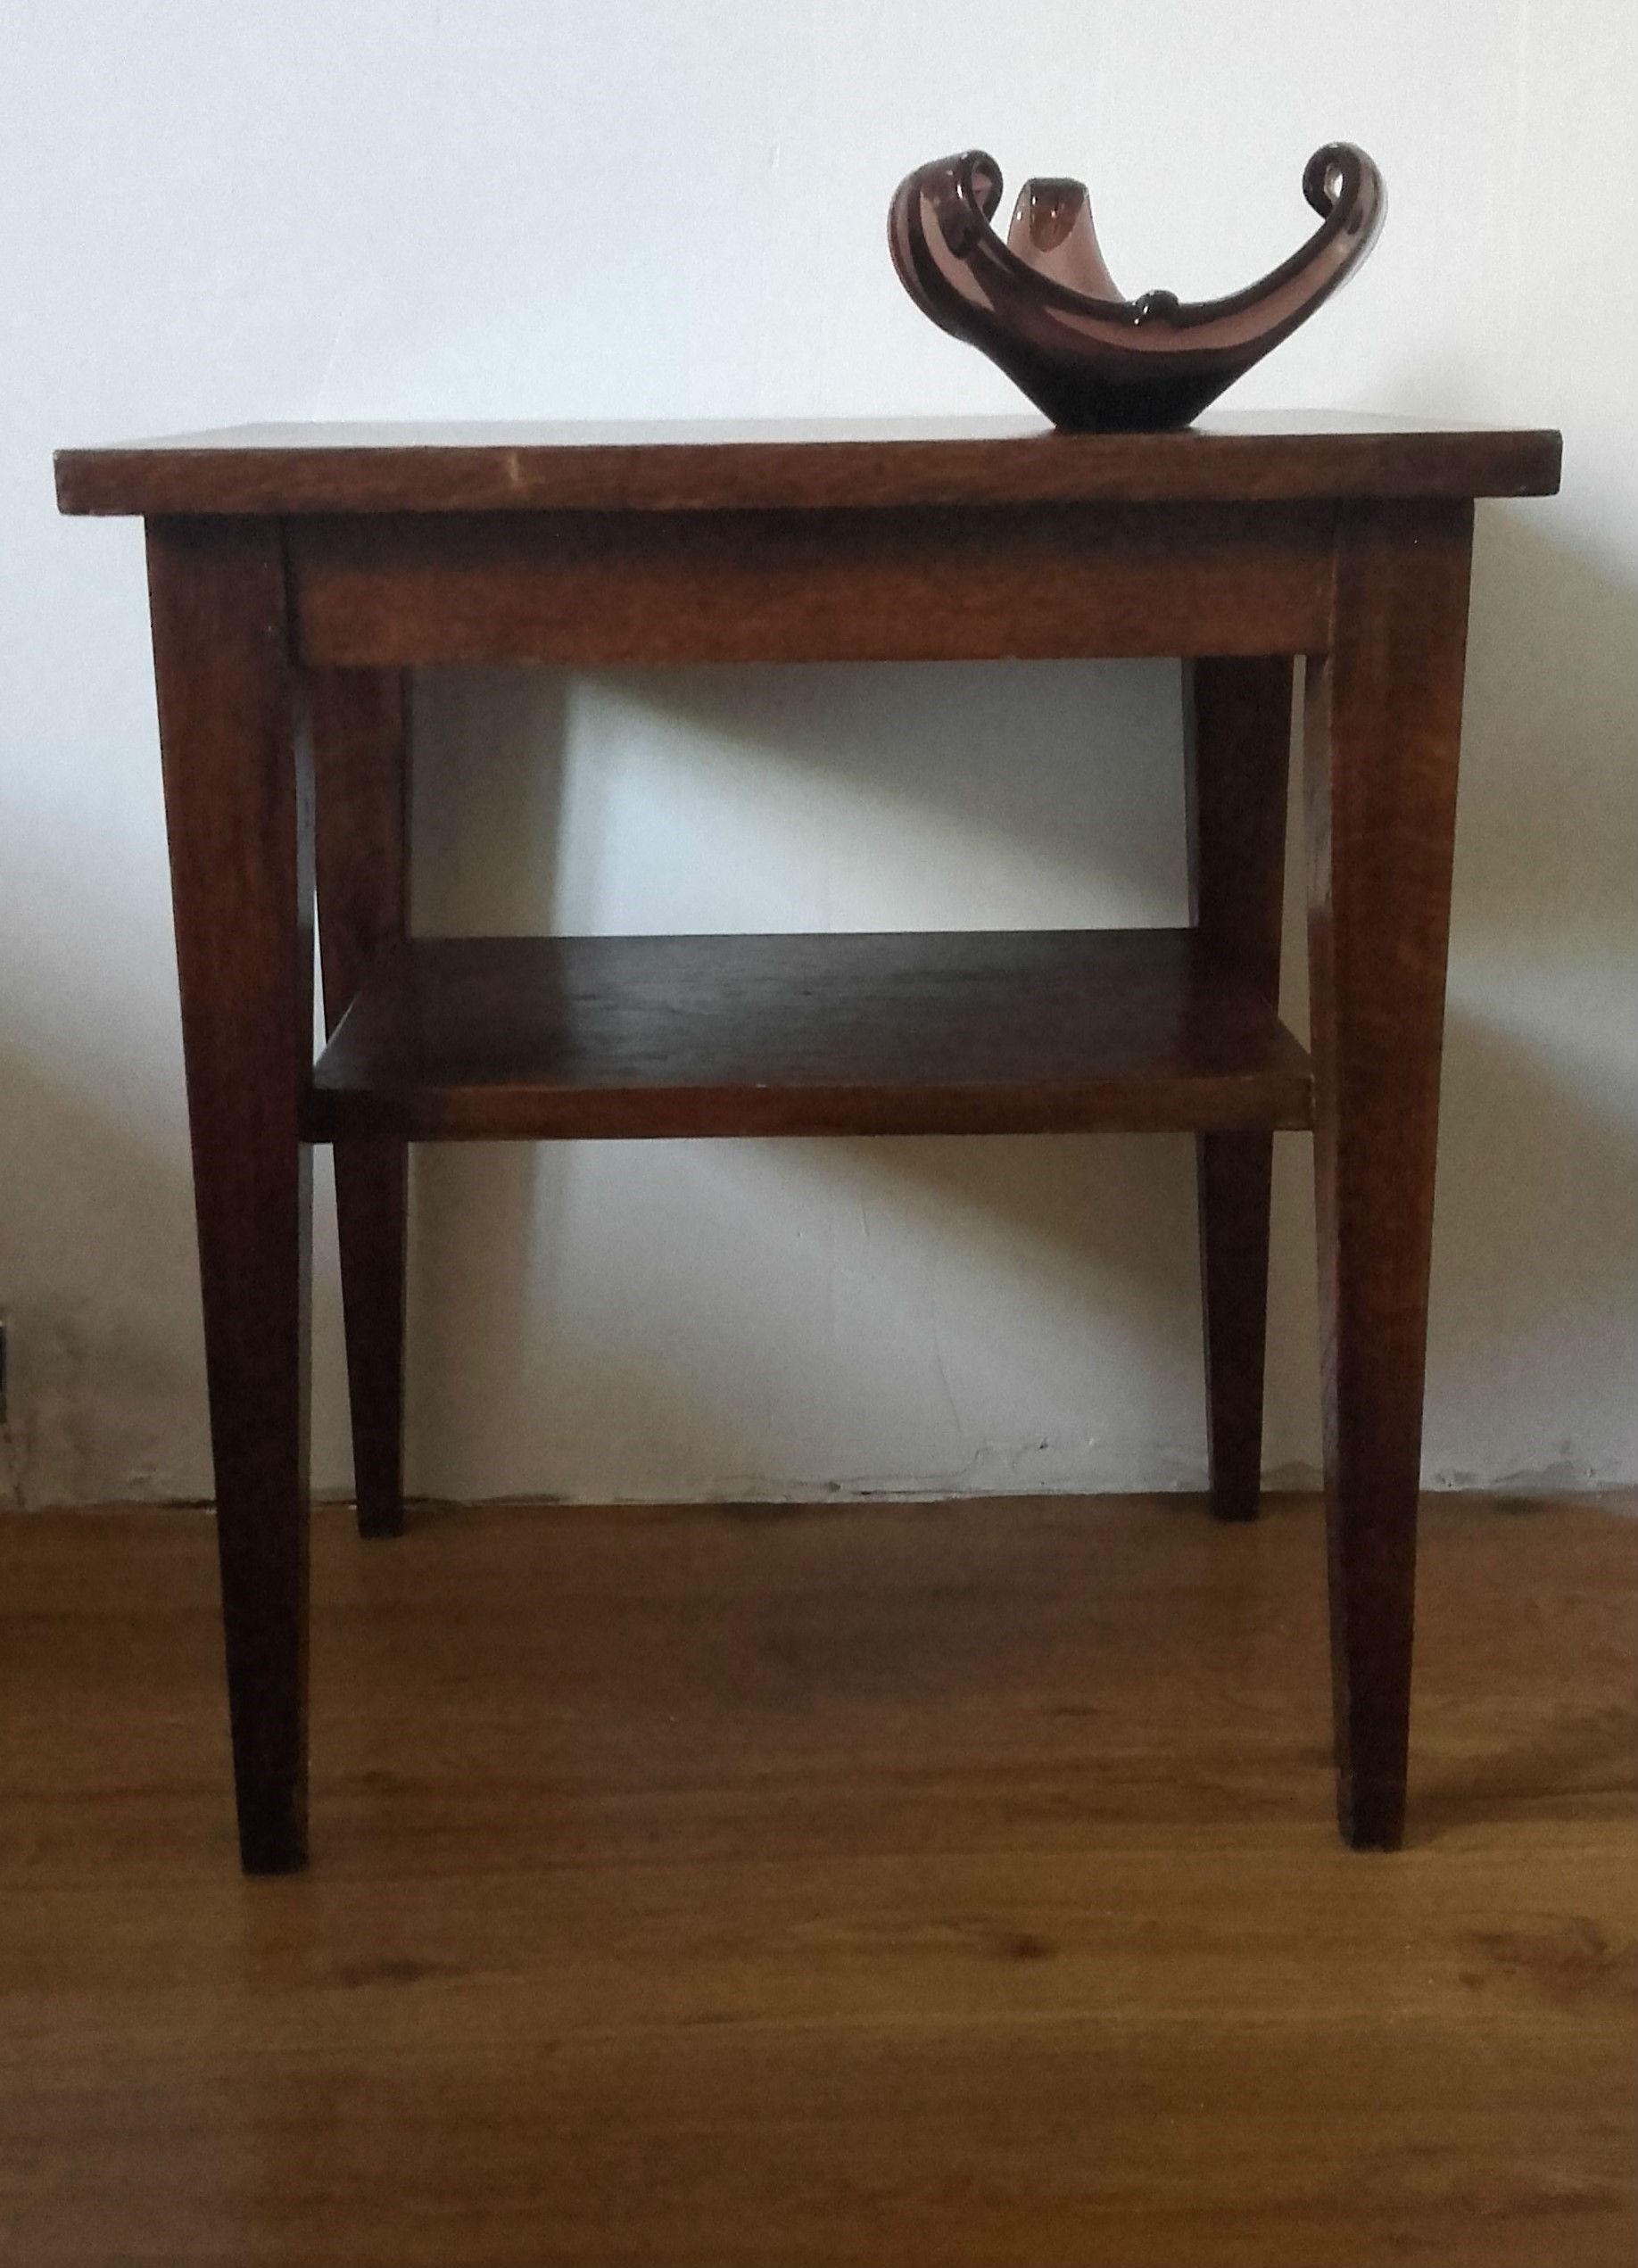 petite table chevet ann es 50 quiche lorraine vintage. Black Bedroom Furniture Sets. Home Design Ideas